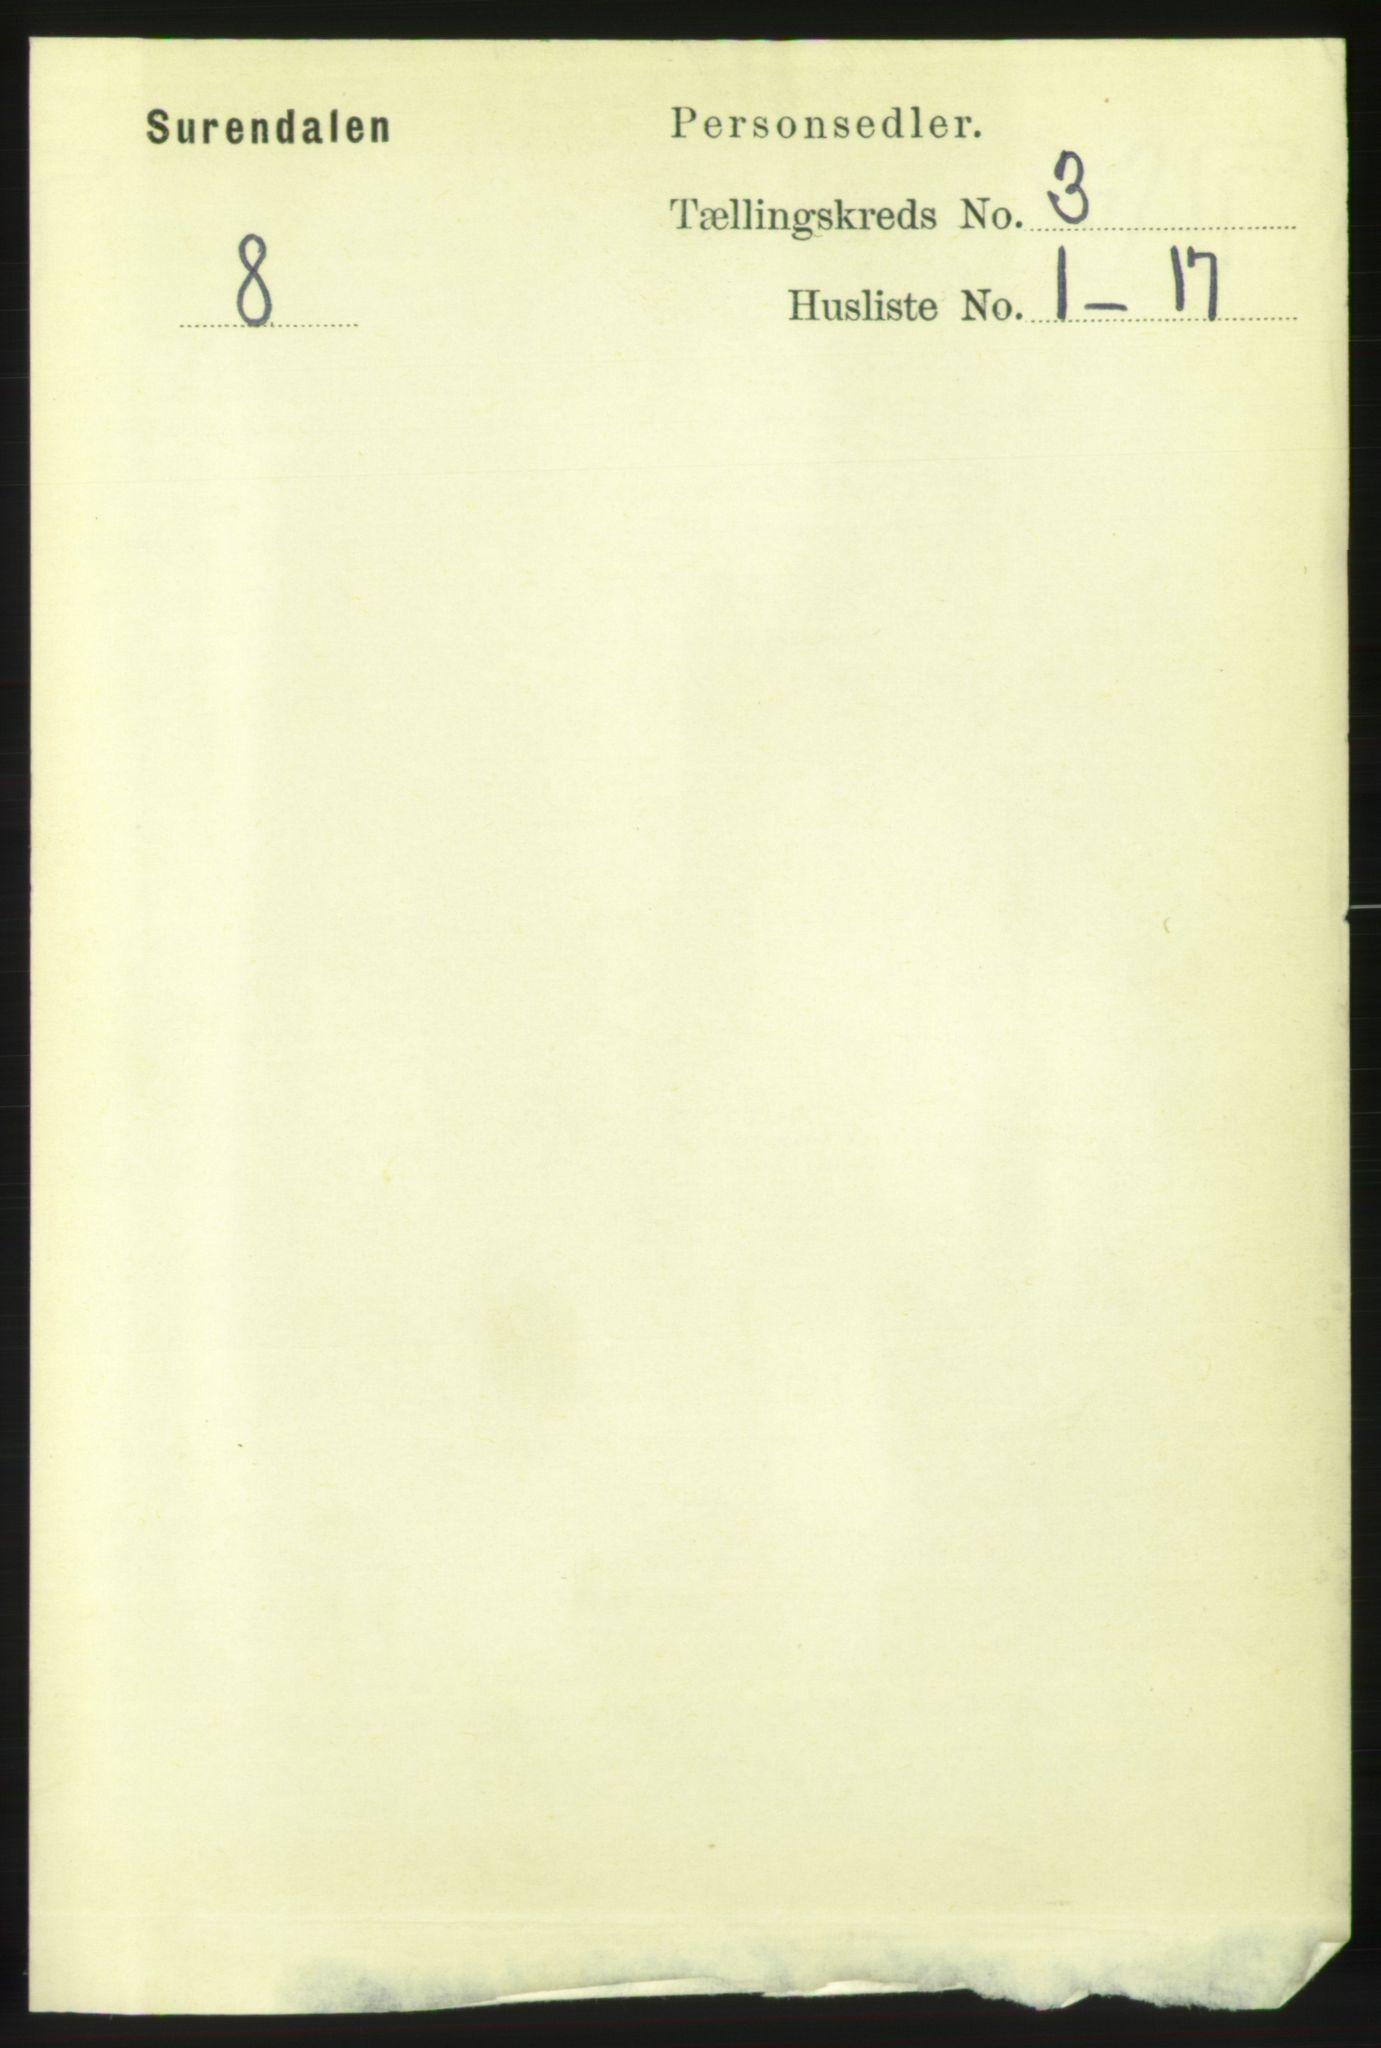 RA, Folketelling 1891 for 1566 Surnadal herred, 1891, s. 783